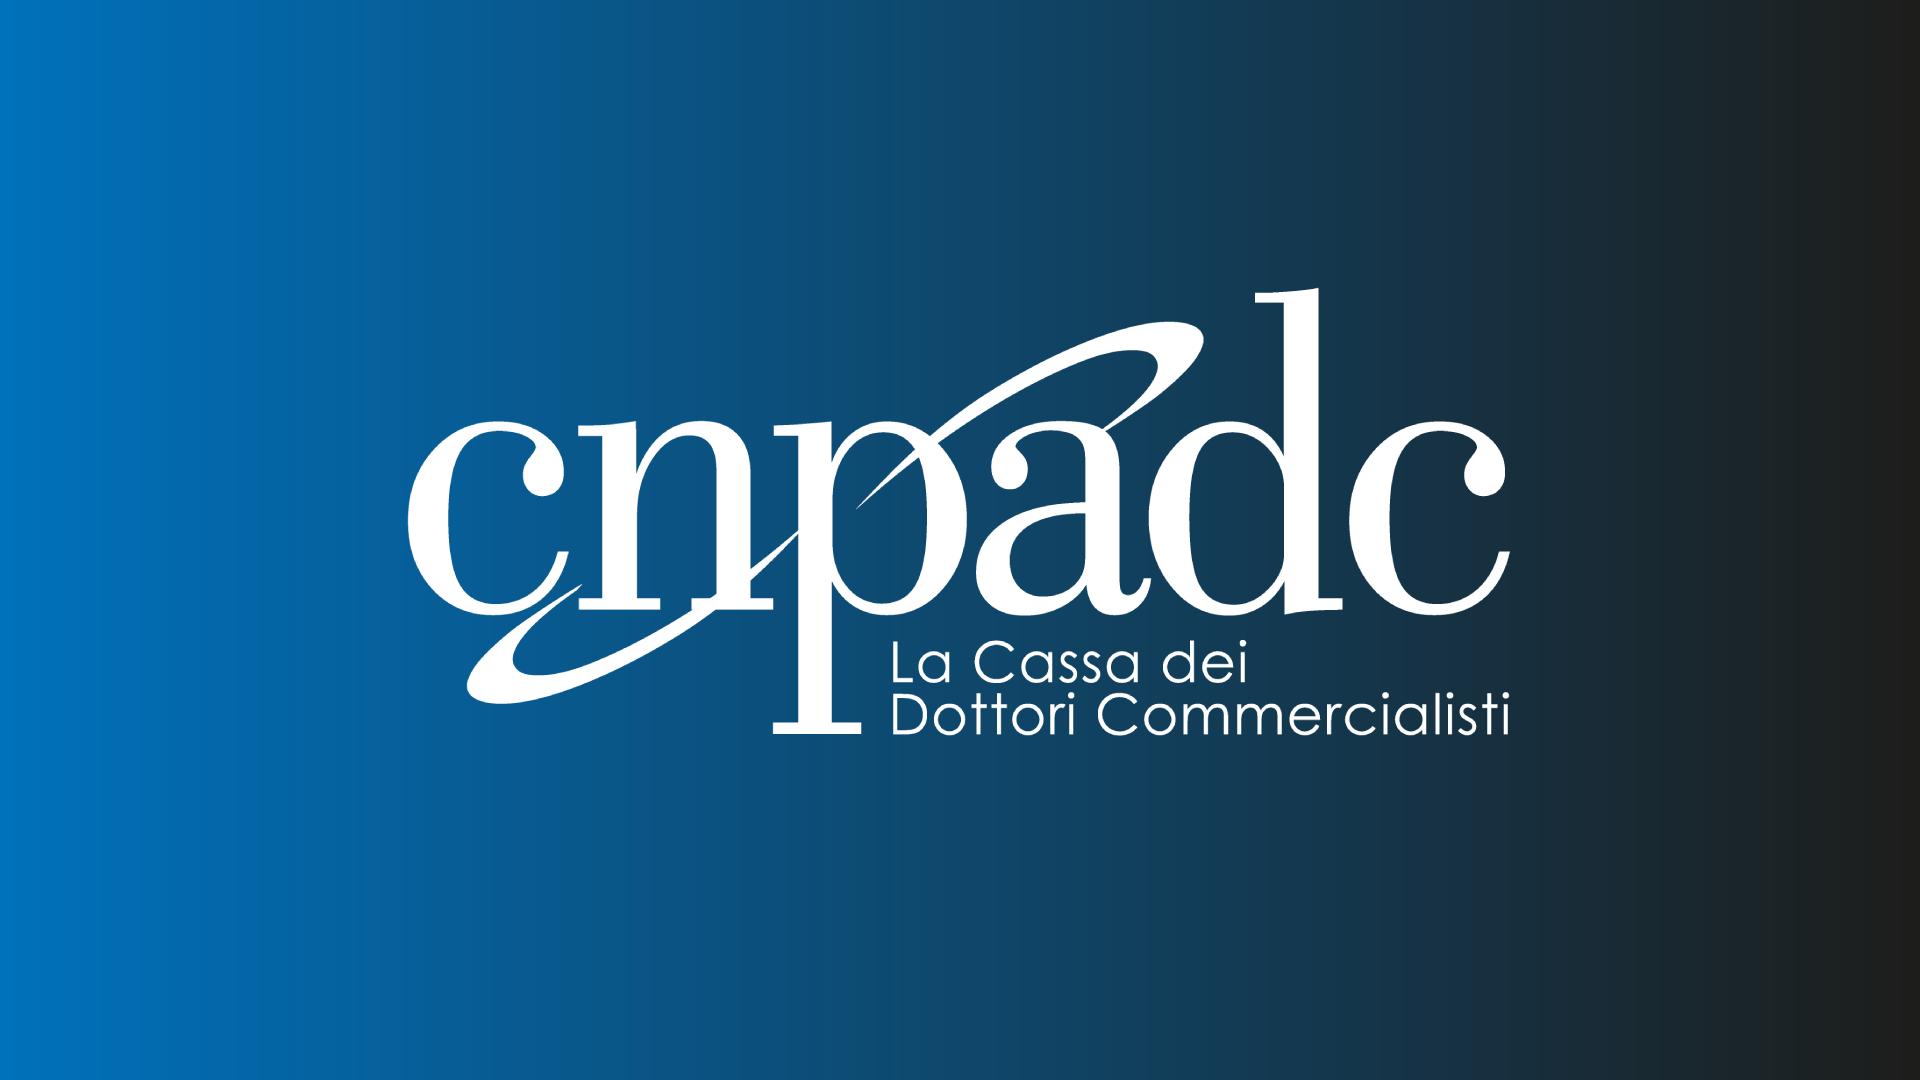 Elezioni CNPADC